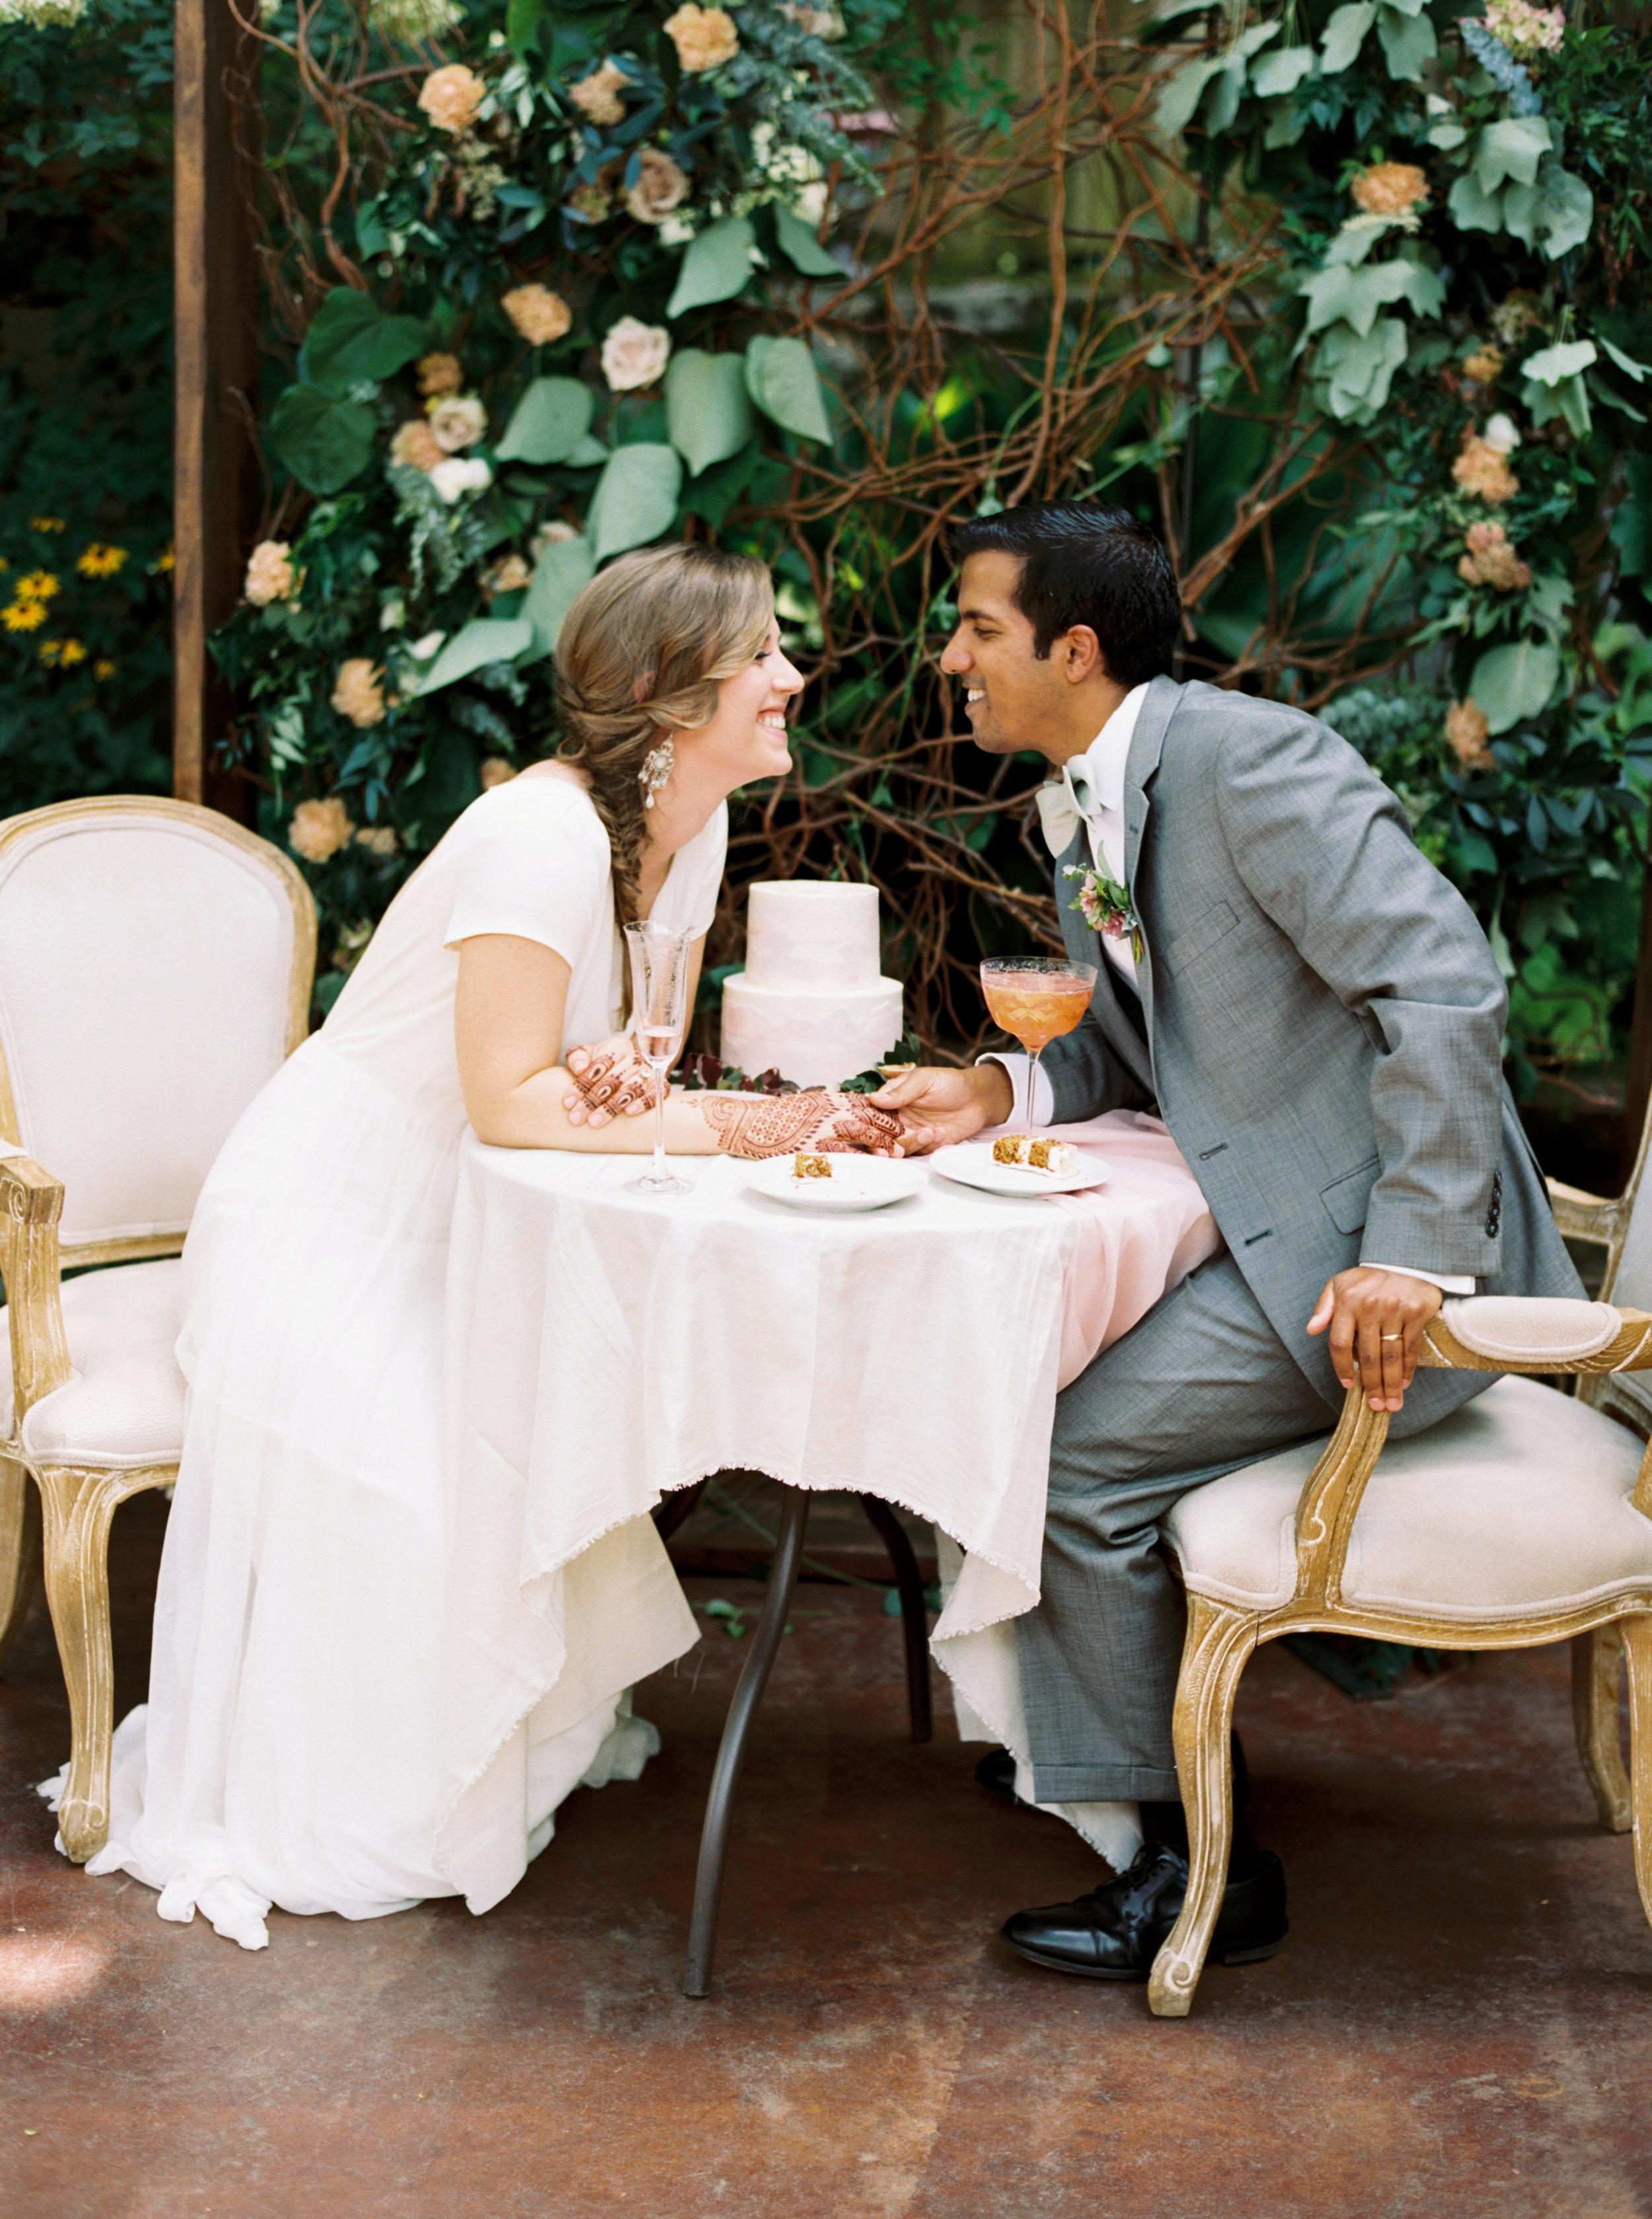 Wahoo_Grill_Atlanta_Indian_Wedding_Abigail_Malone_Photgoraphy_FIlm-153.jpg